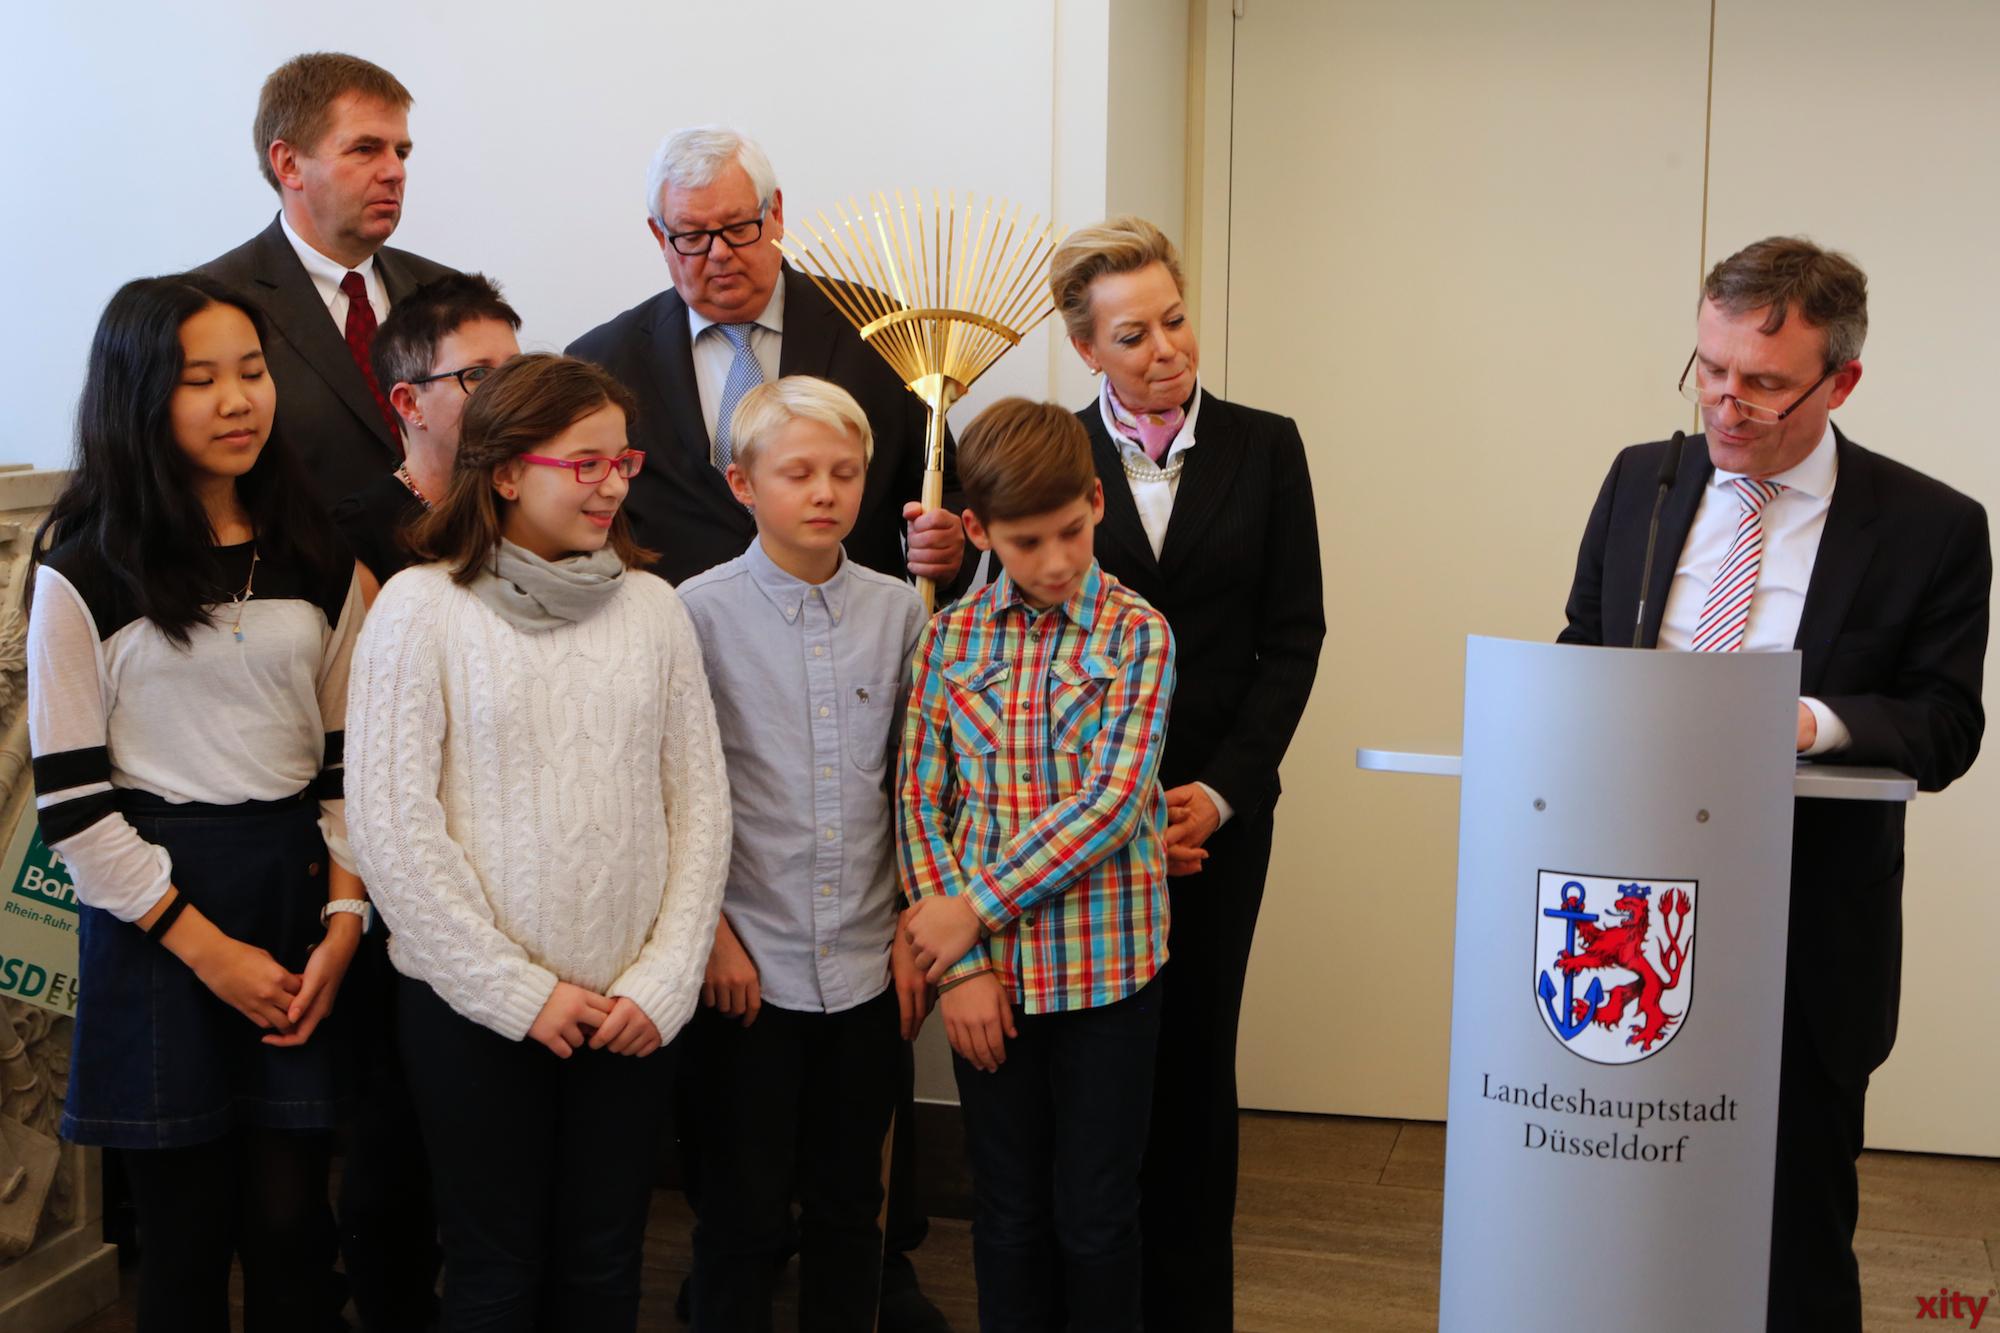 Der Goldenen Besen für die International School of Düsseldorf (Foto: xity)